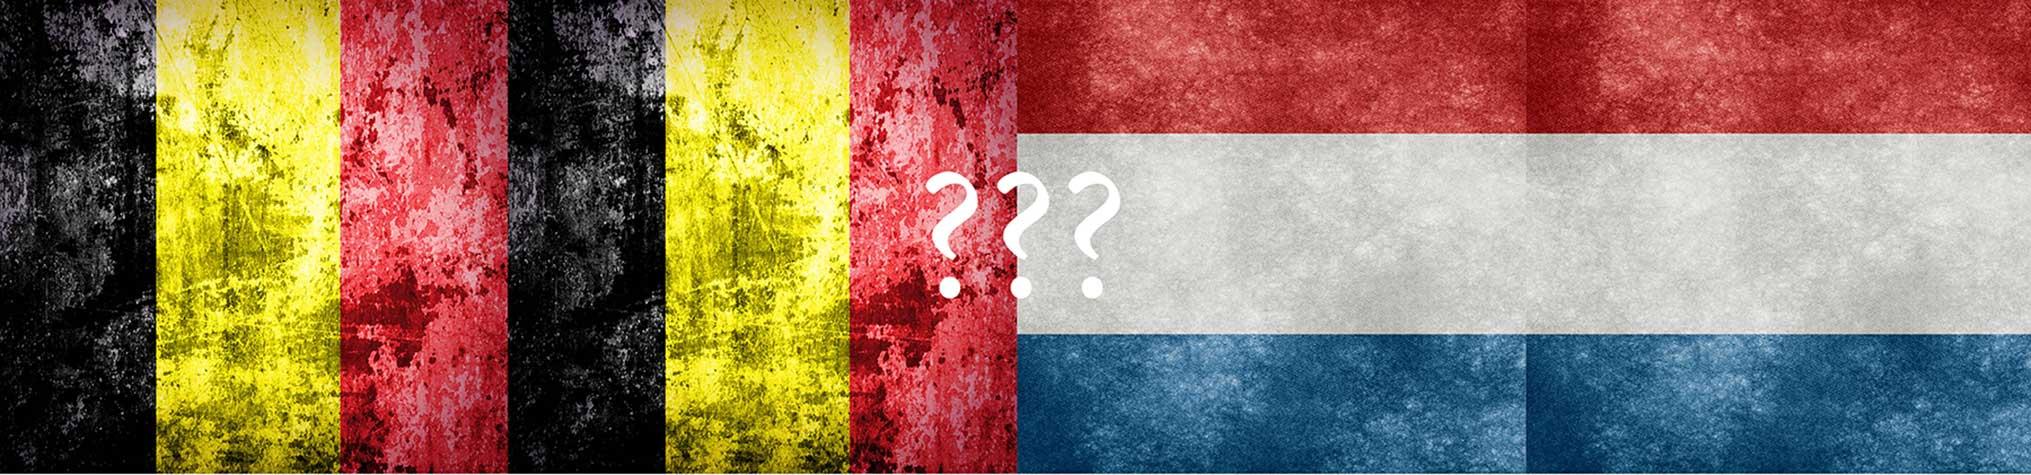 Bibbergeld en bancontact – Over interculturele communicatie